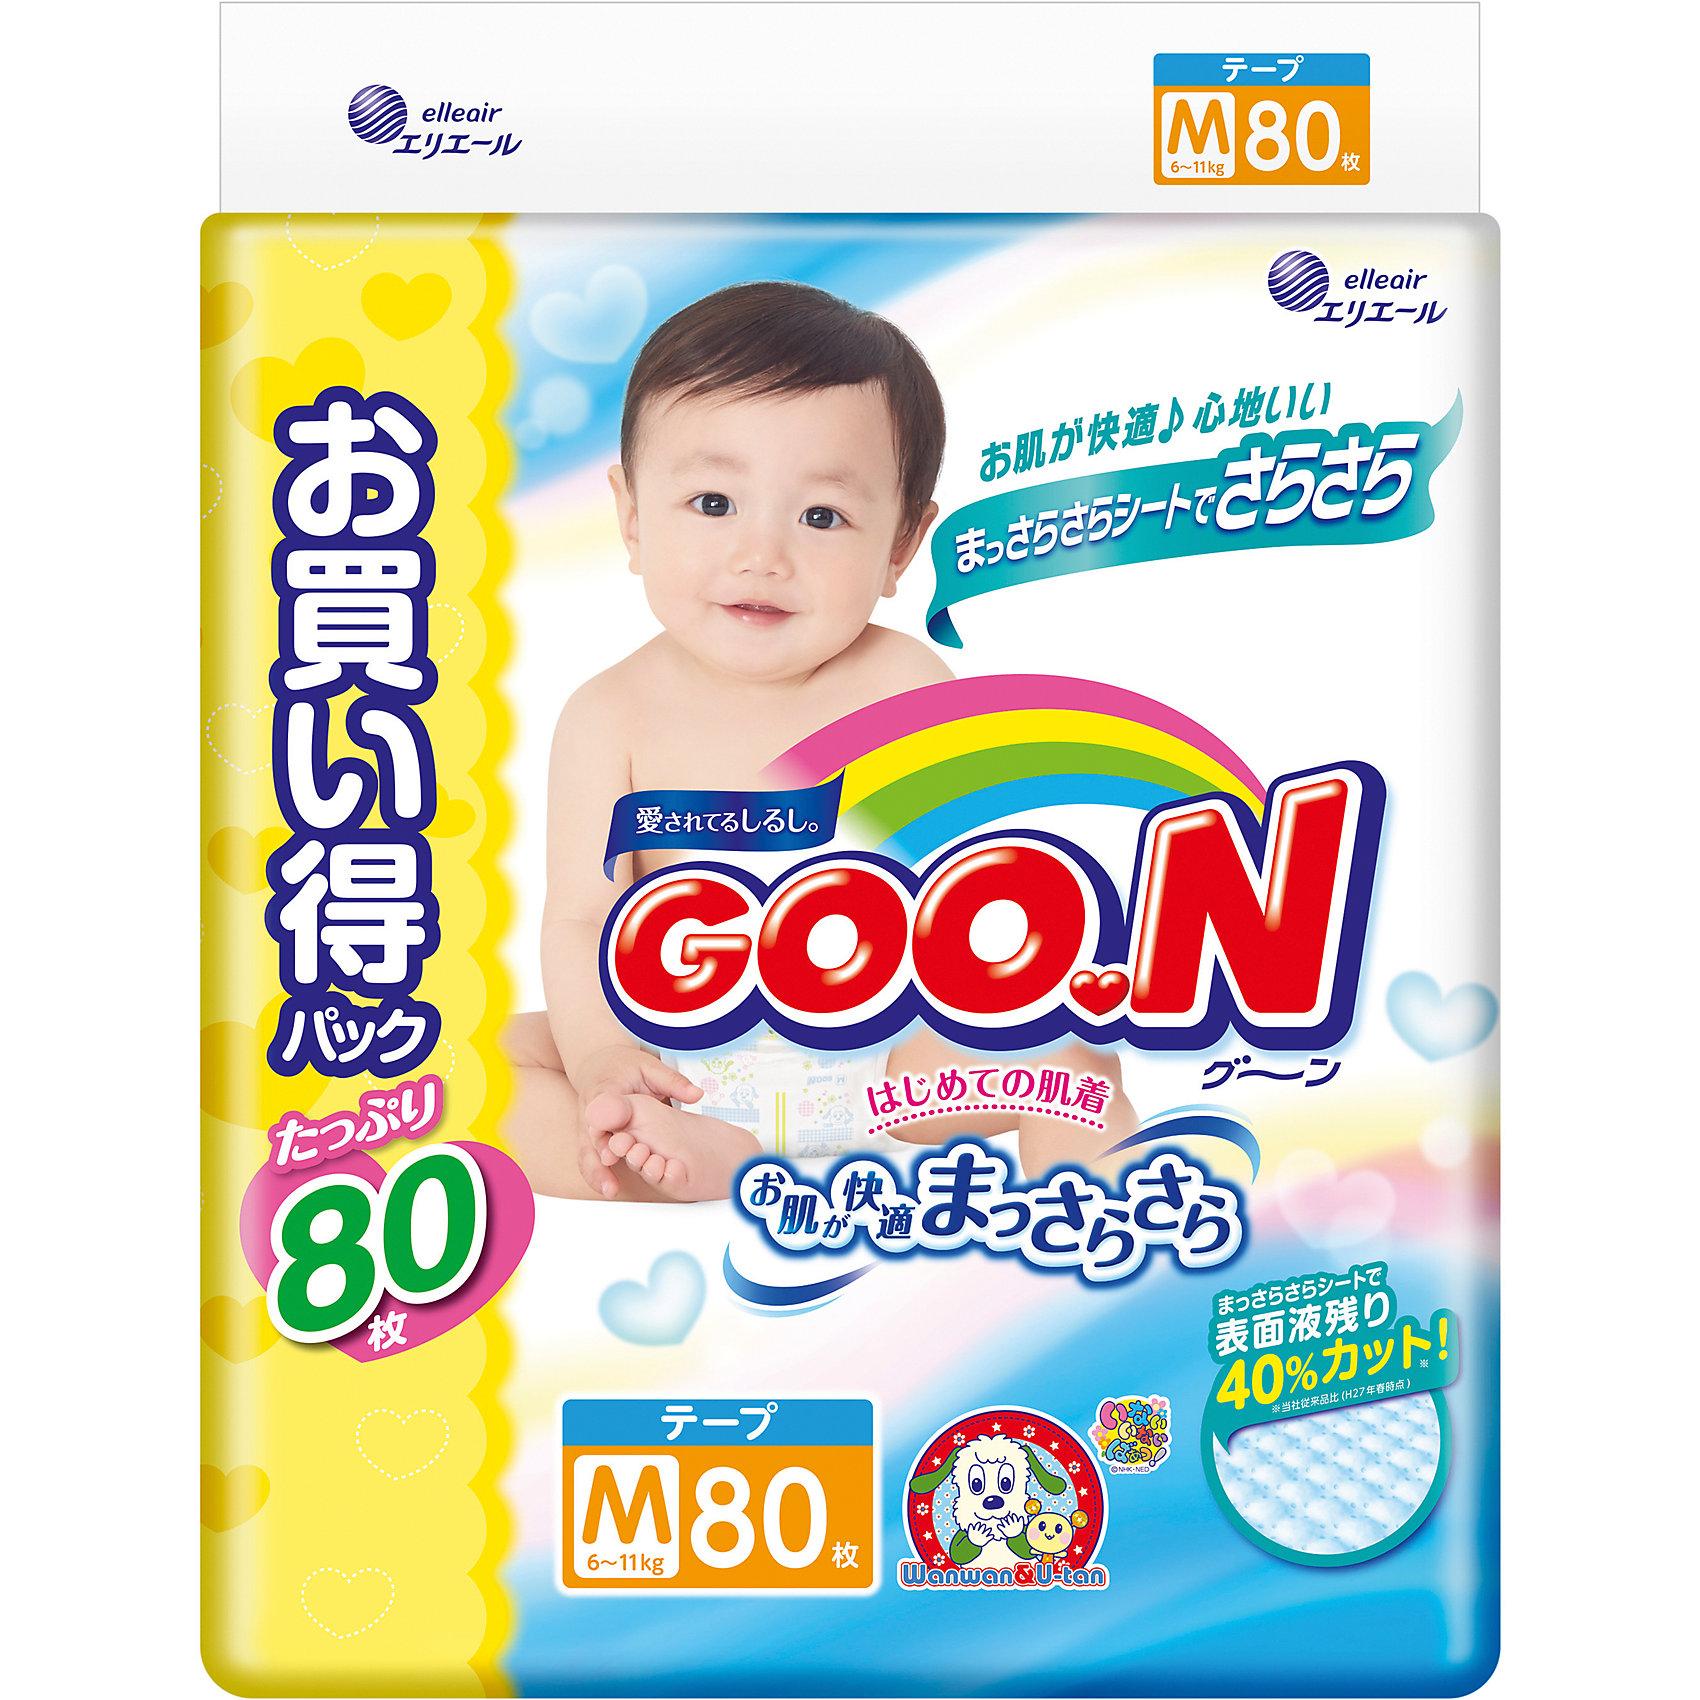 Подгузники ULTRA JUMBO PACK, M 6-11 кг., 80 шт., GoonЯпонские подгузники GOO.N на липучках позаботятся о вашем малыше с самого рождения. Все их детали, которые касаются нежной кожи ребенка, отличаются необыкновенной мягкостью.<br>Благодаря новейшей технологии увеличения неровностей в трехмерной проекции, поверхность подгузника, контактирующая с кожей малыша, всегда сухая и гладкая!<br><br>Ширина мм: 400<br>Глубина мм: 380<br>Высота мм: 135<br>Вес г: 2600<br>Возраст от месяцев: 3<br>Возраст до месяцев: 12<br>Пол: Унисекс<br>Возраст: Детский<br>SKU: 5540880